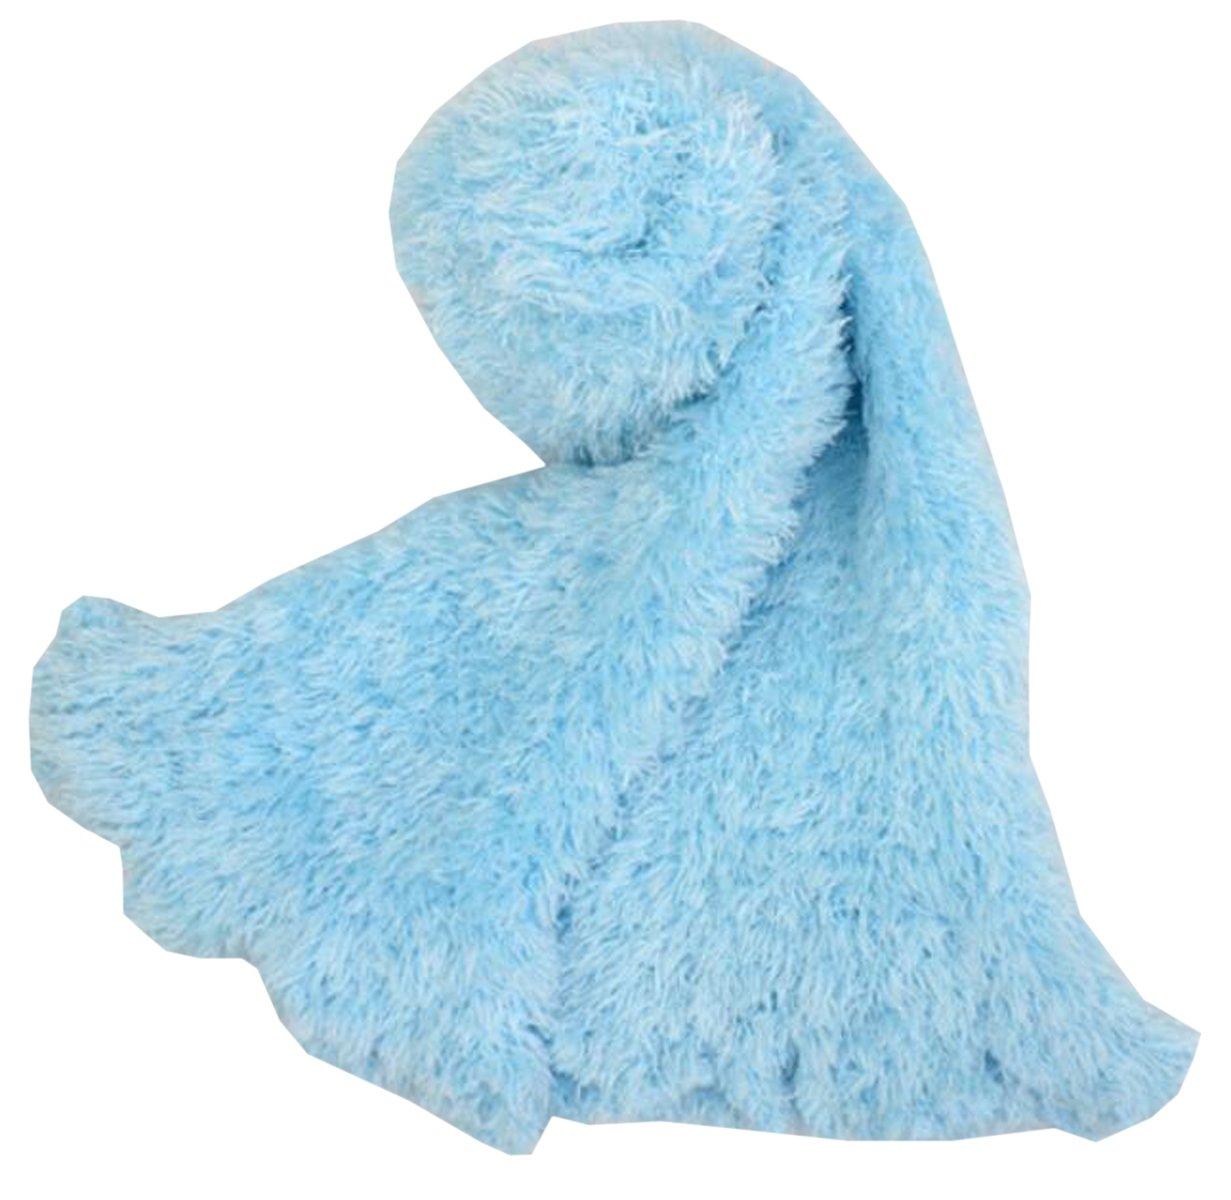 Xinliya Magic Stretch Scarf Hood Wrap Multiple Style Shawl Neck Warmer Cardigan , Light Blue